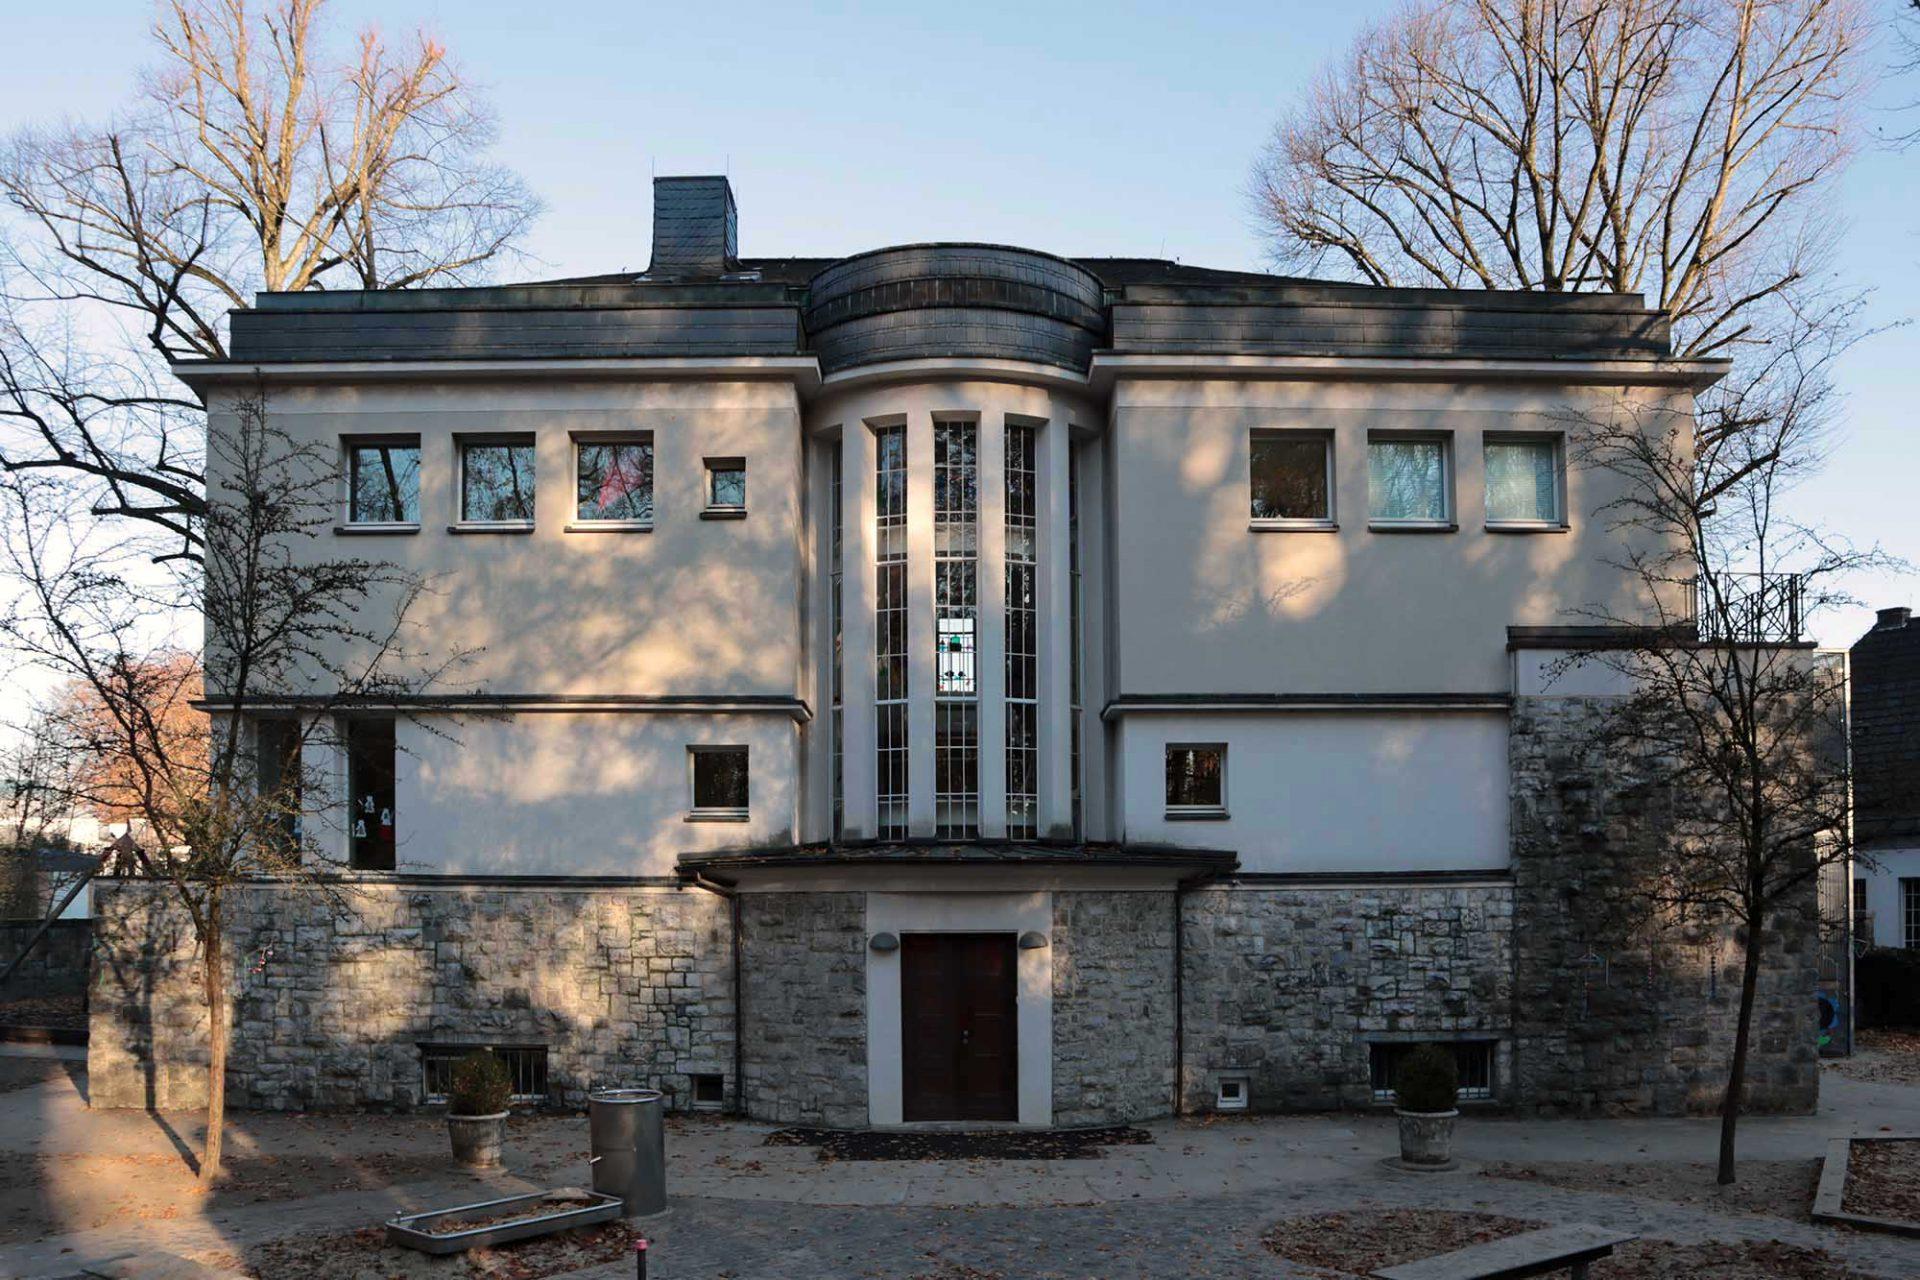 Villa Cuno. Entwurf: Peter Behrens, 1910